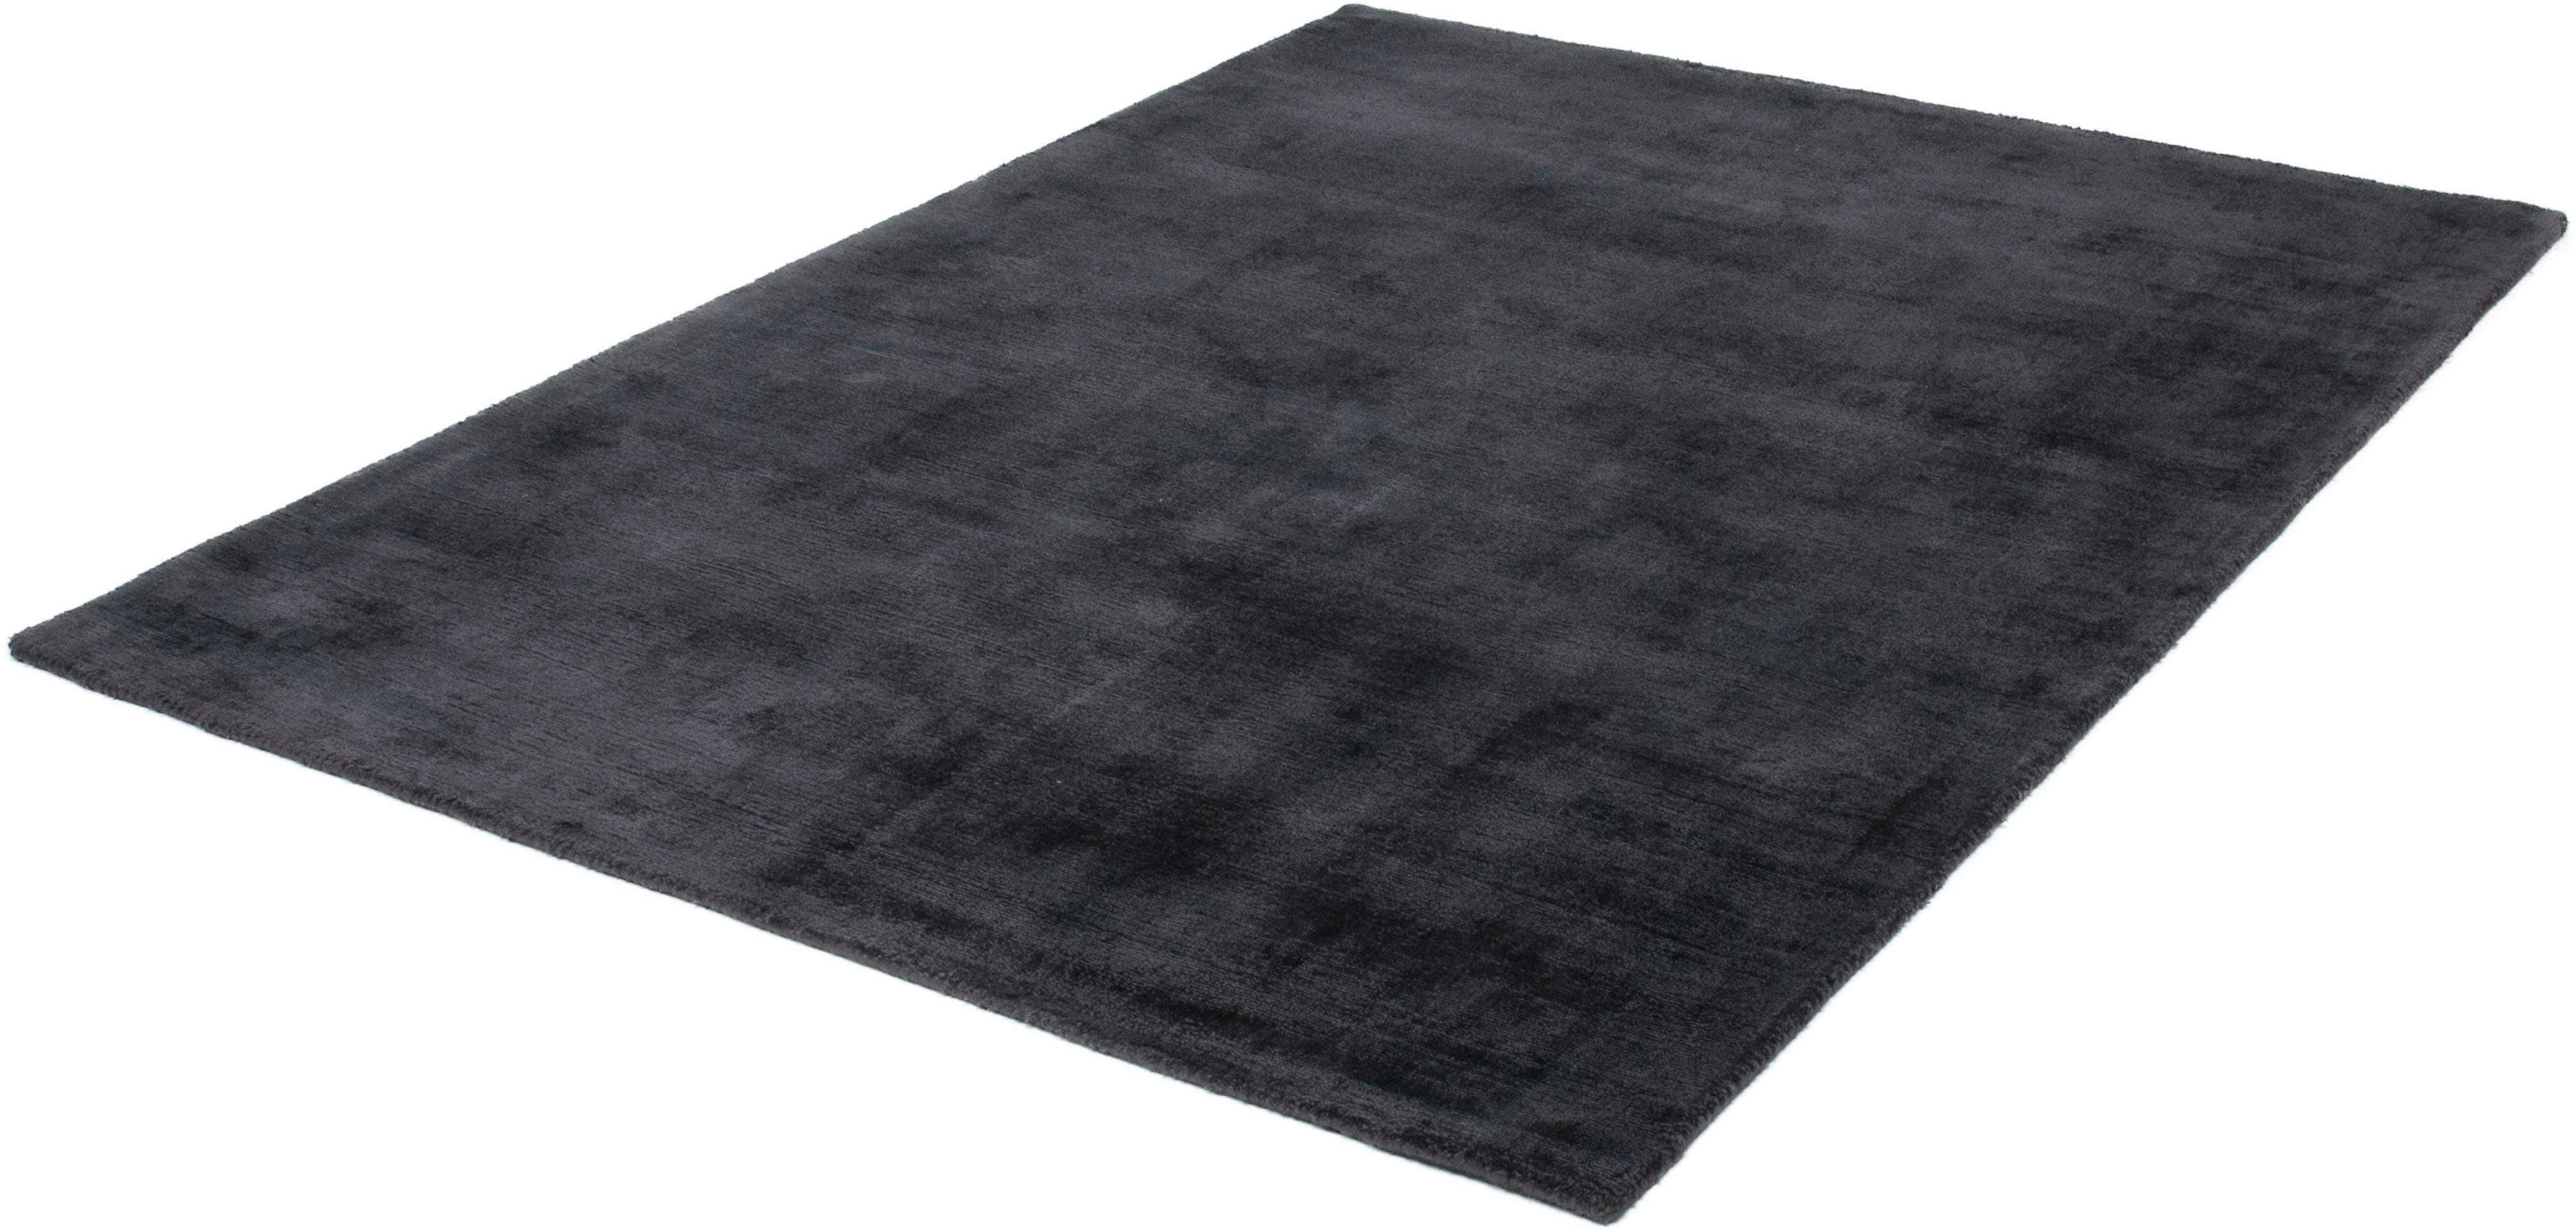 Teppich Sefia 175 calo-deluxe rechteckig Höhe 13 mm handgewebt